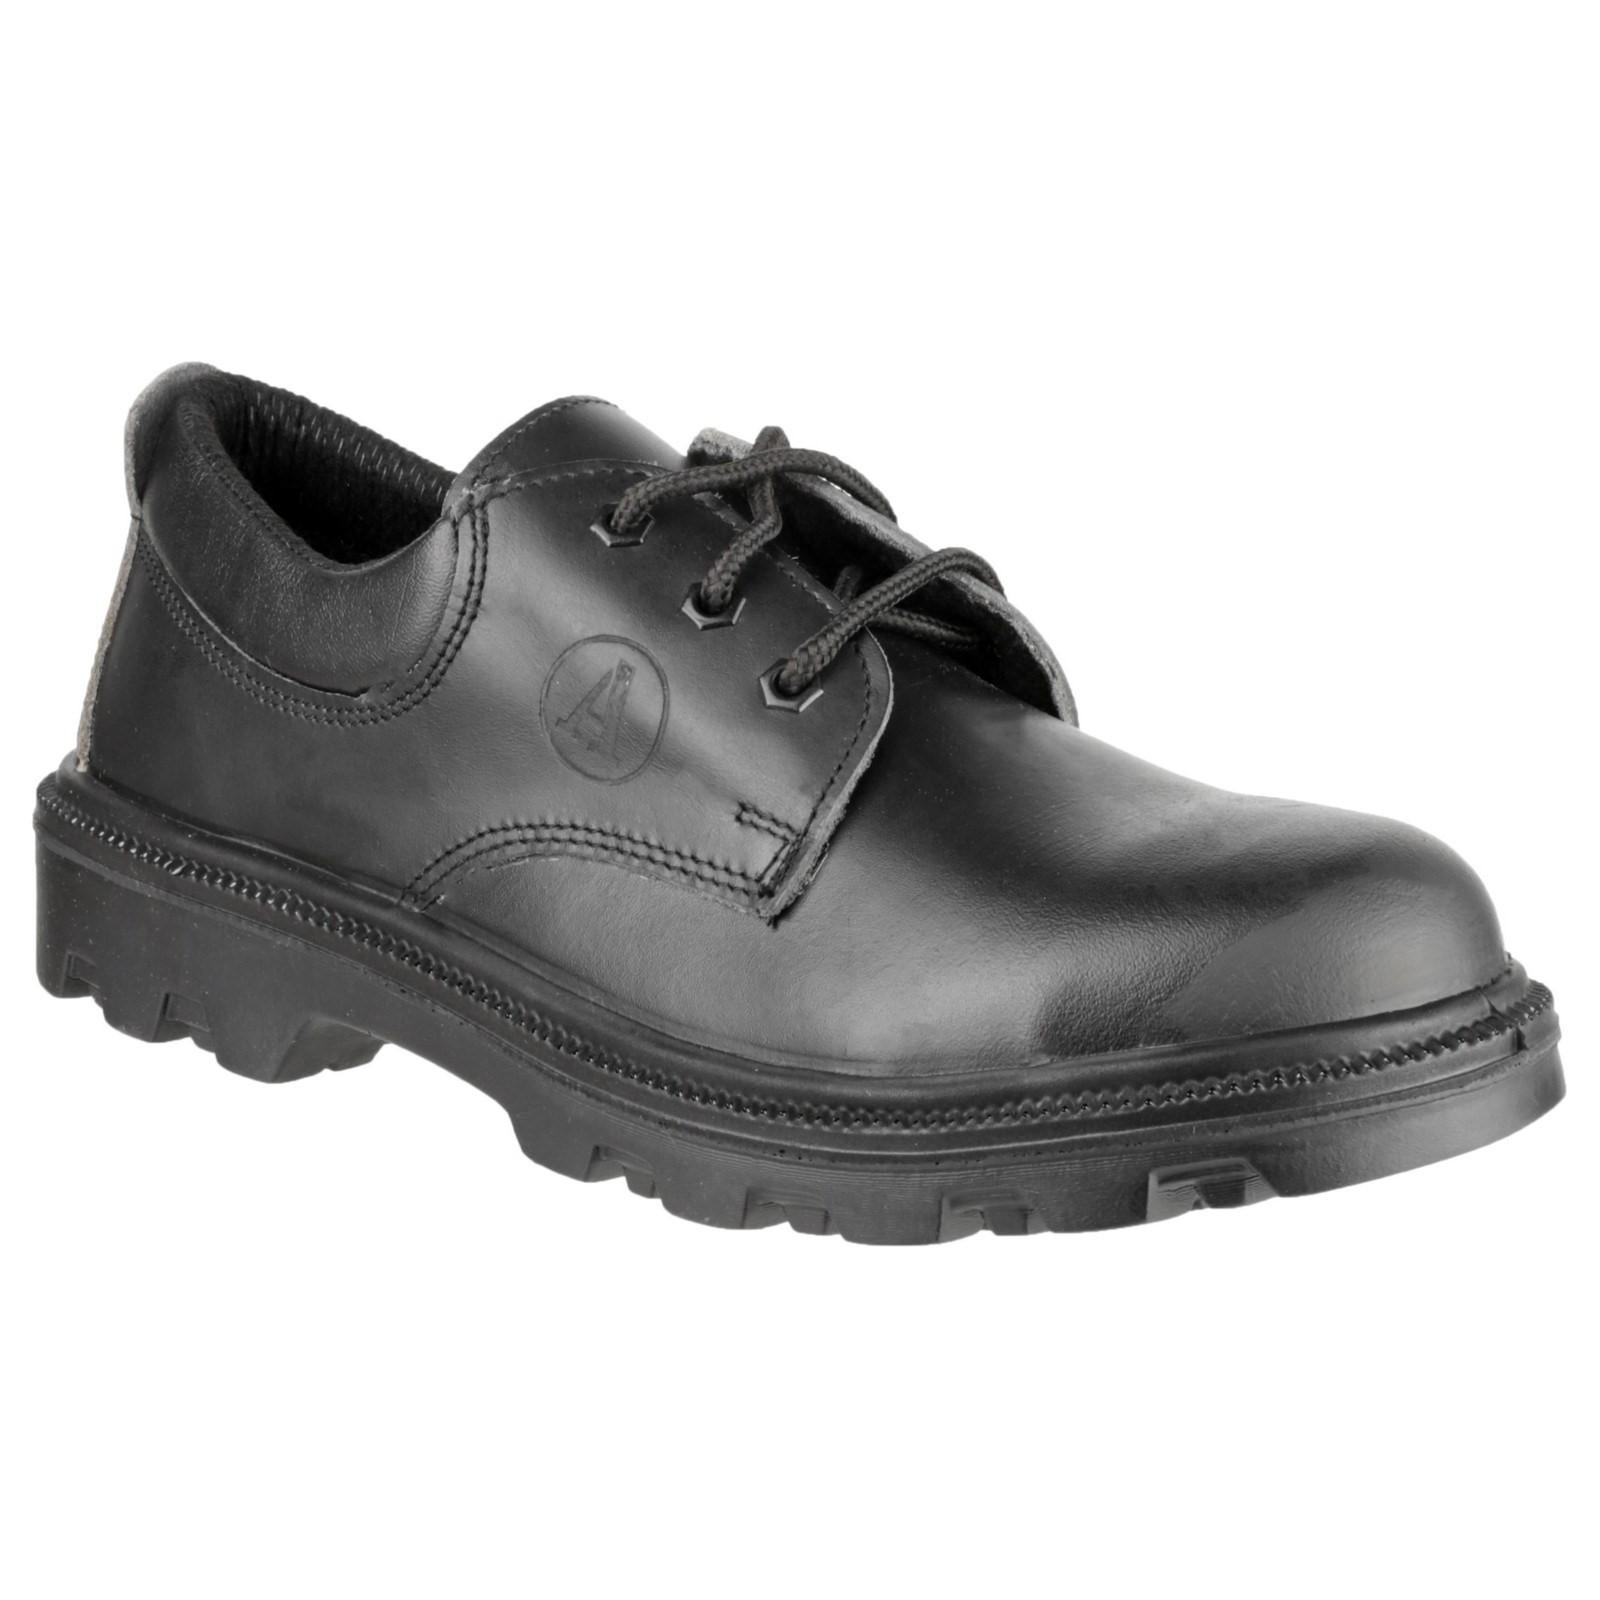 Amblers Safety Hombre Fs133 Cordones Zapato de Seguridad